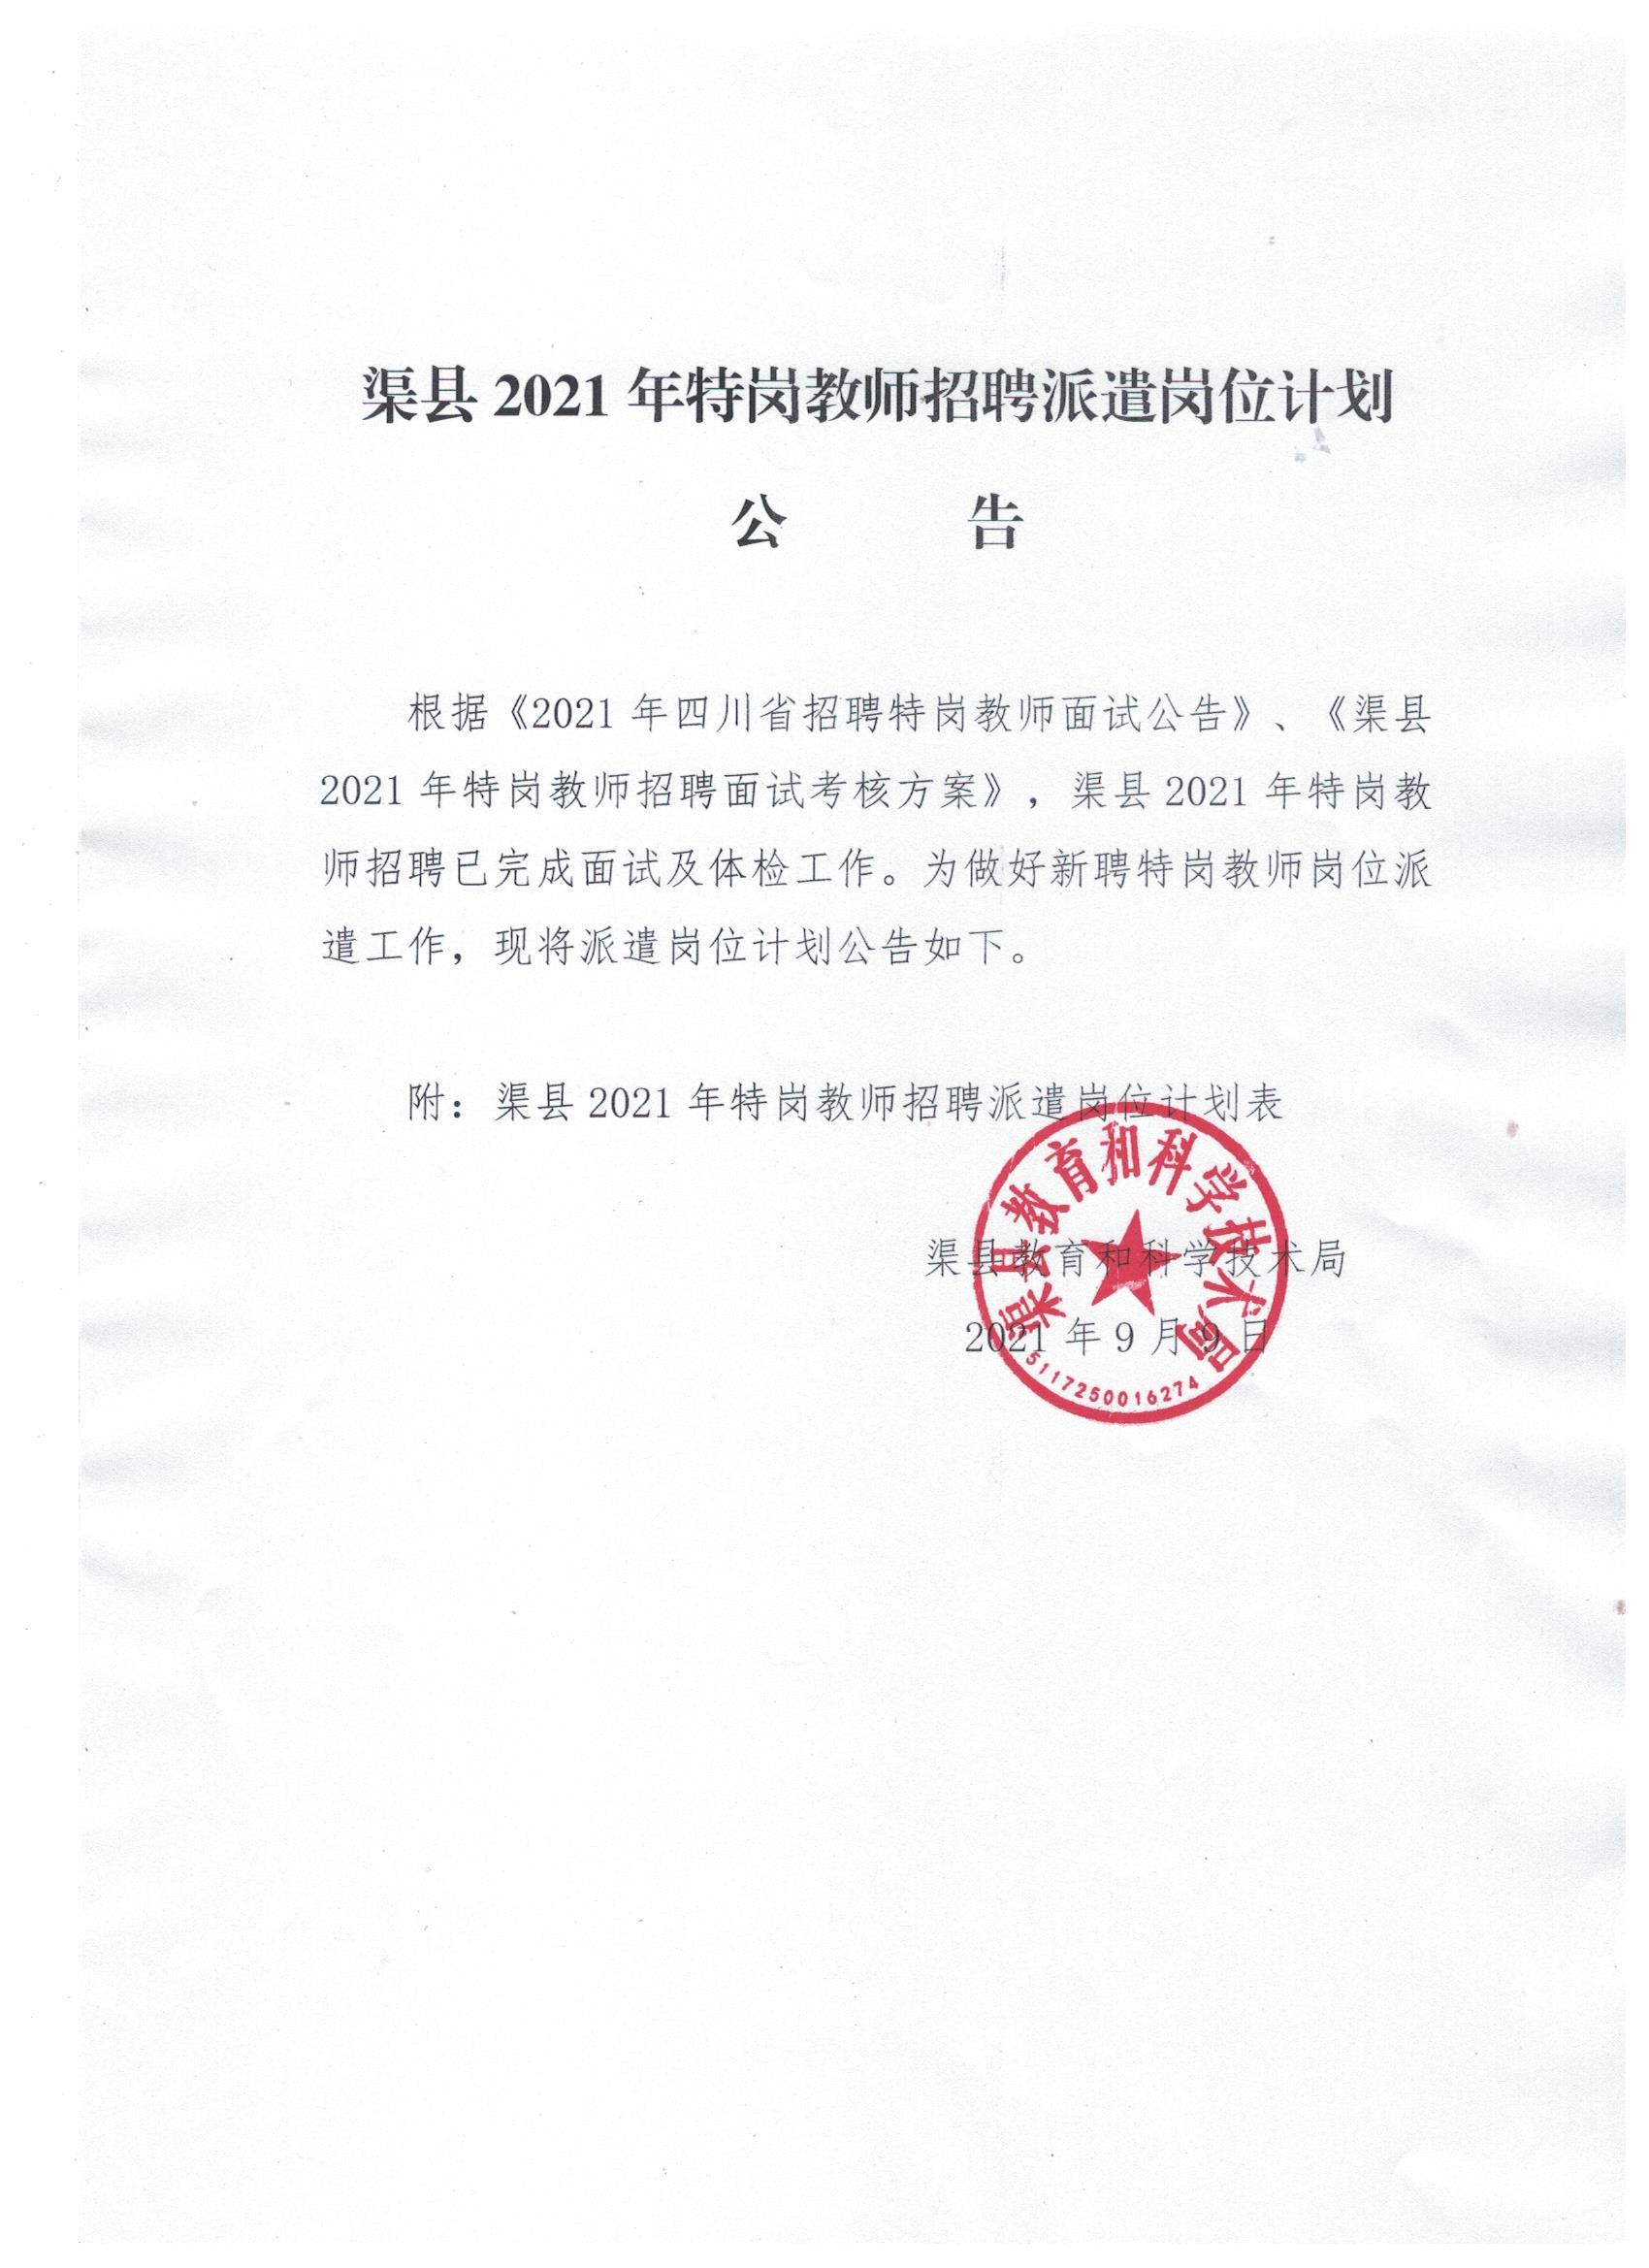 渠县2021年特岗教师招聘派遣岗位计划公告